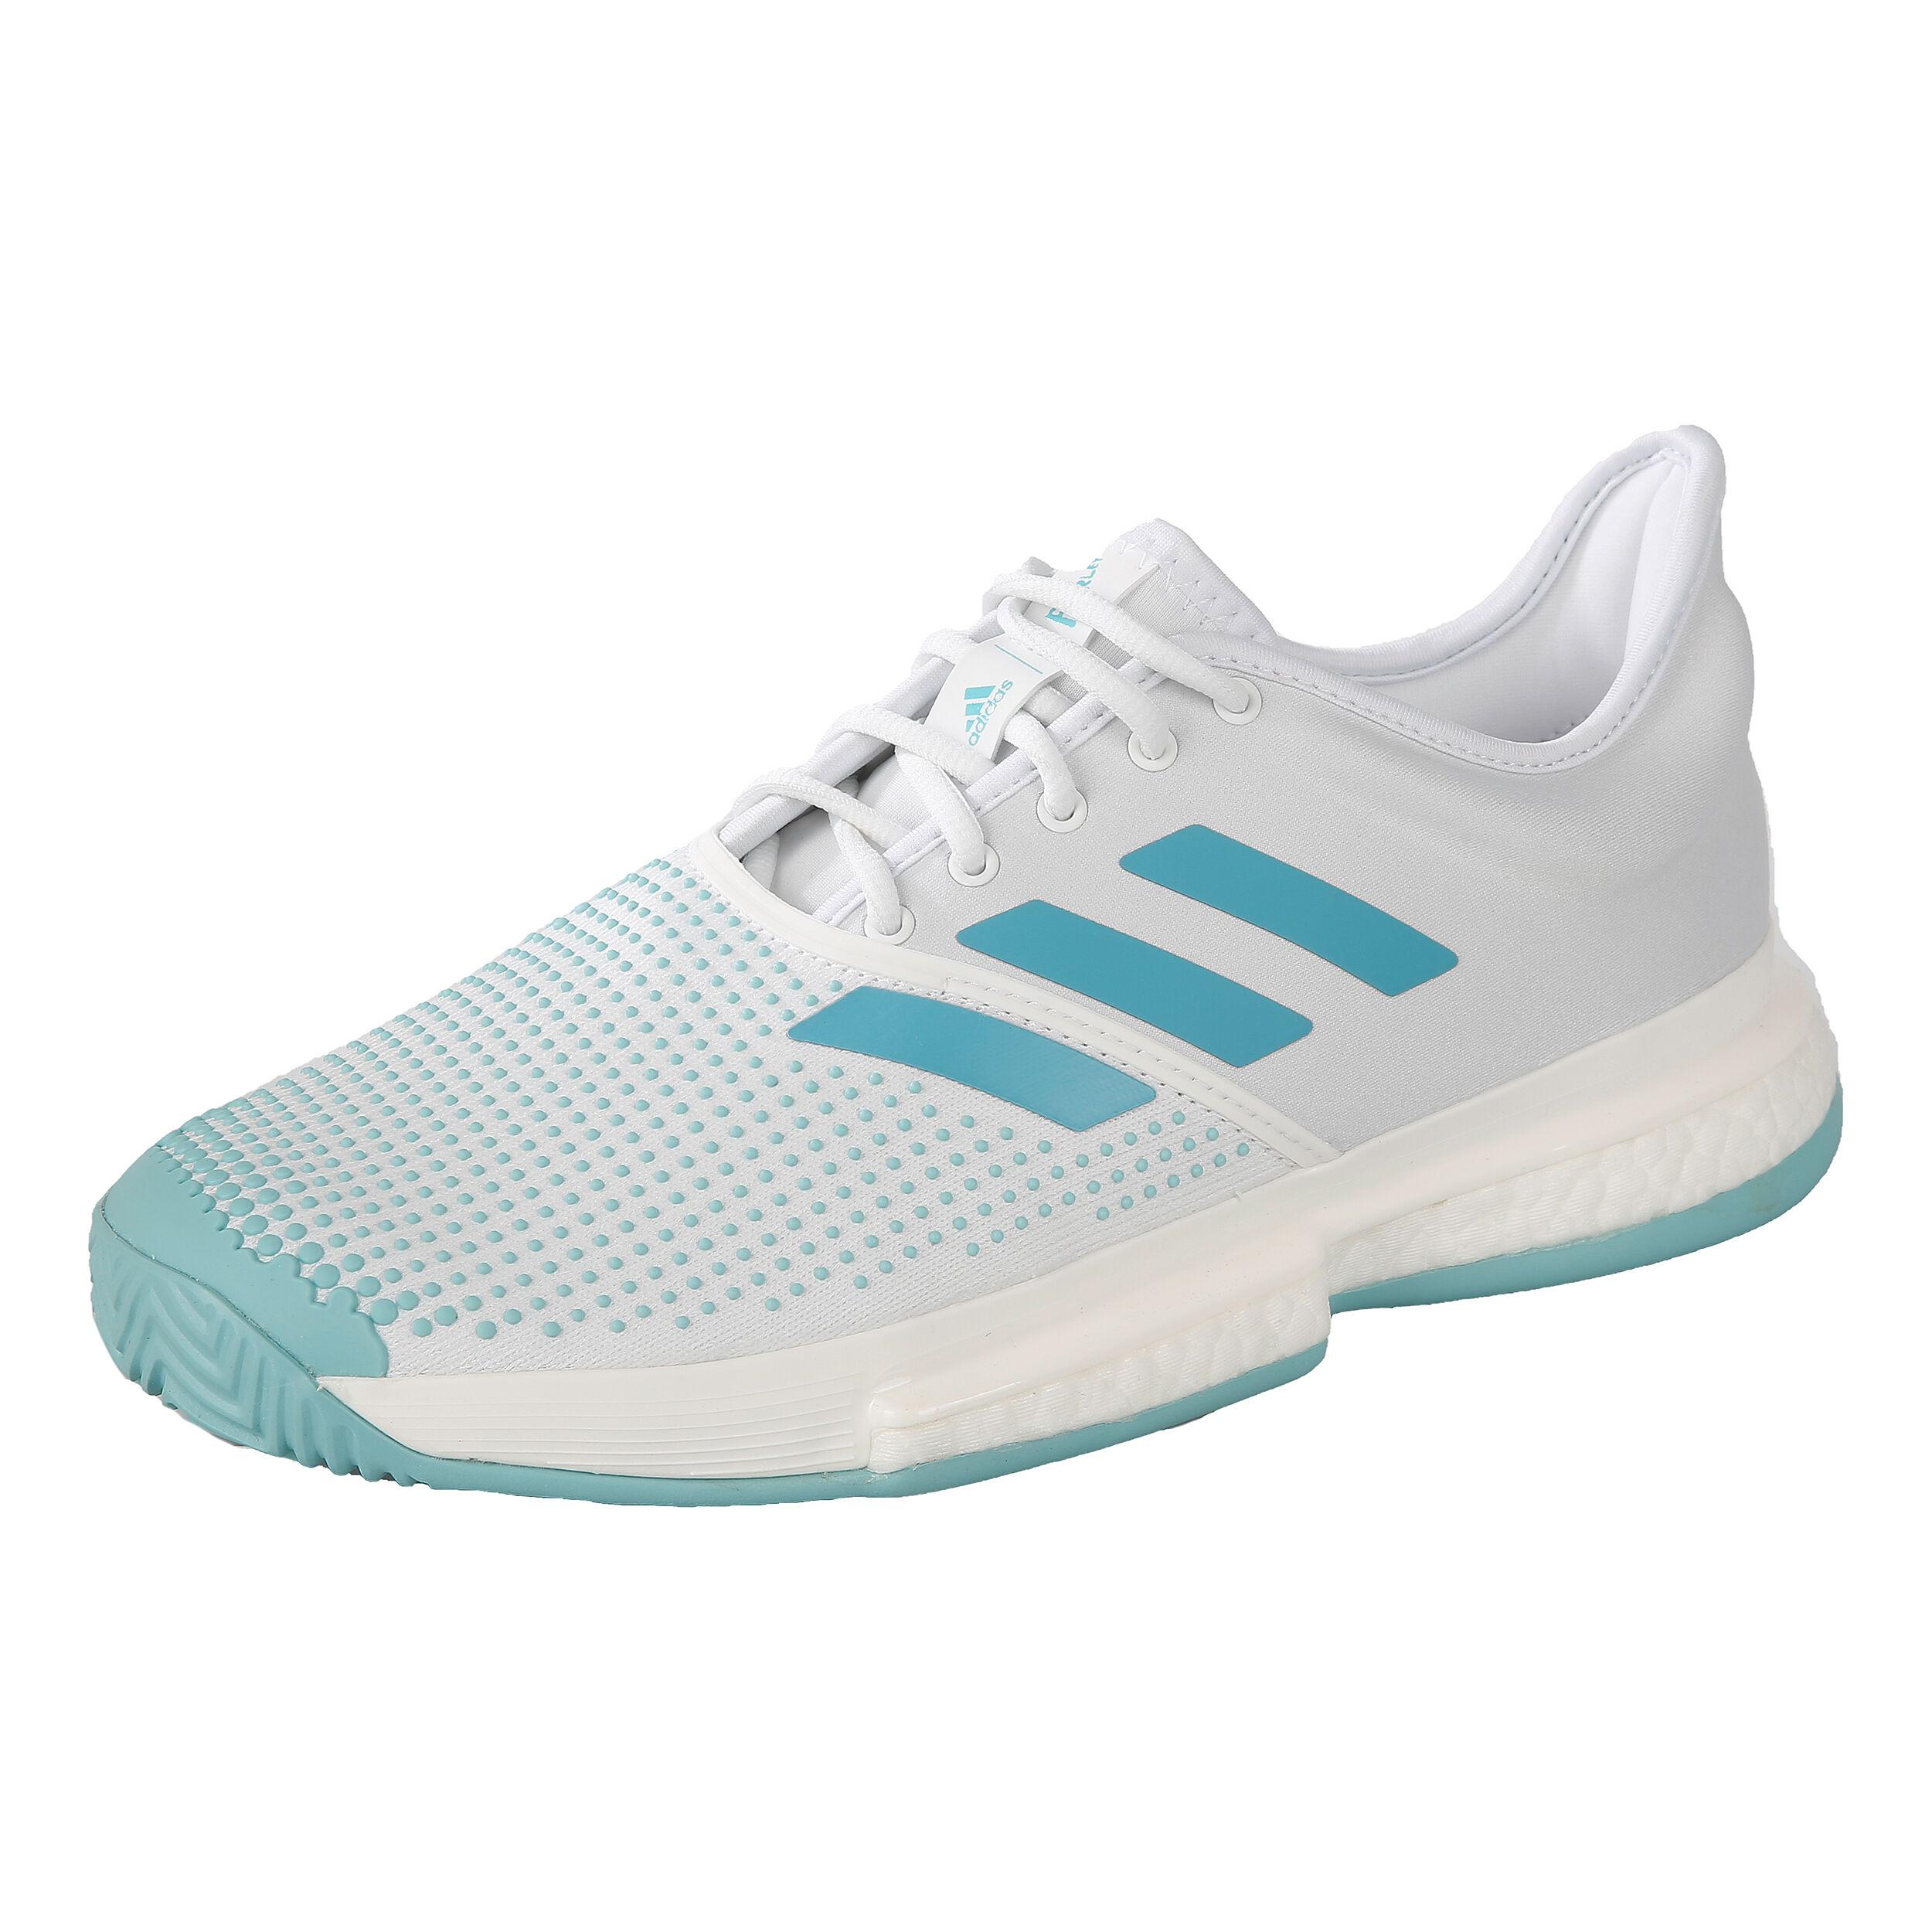 adidas sko Størrelse 51 til damer og herrer | Zalando.dk